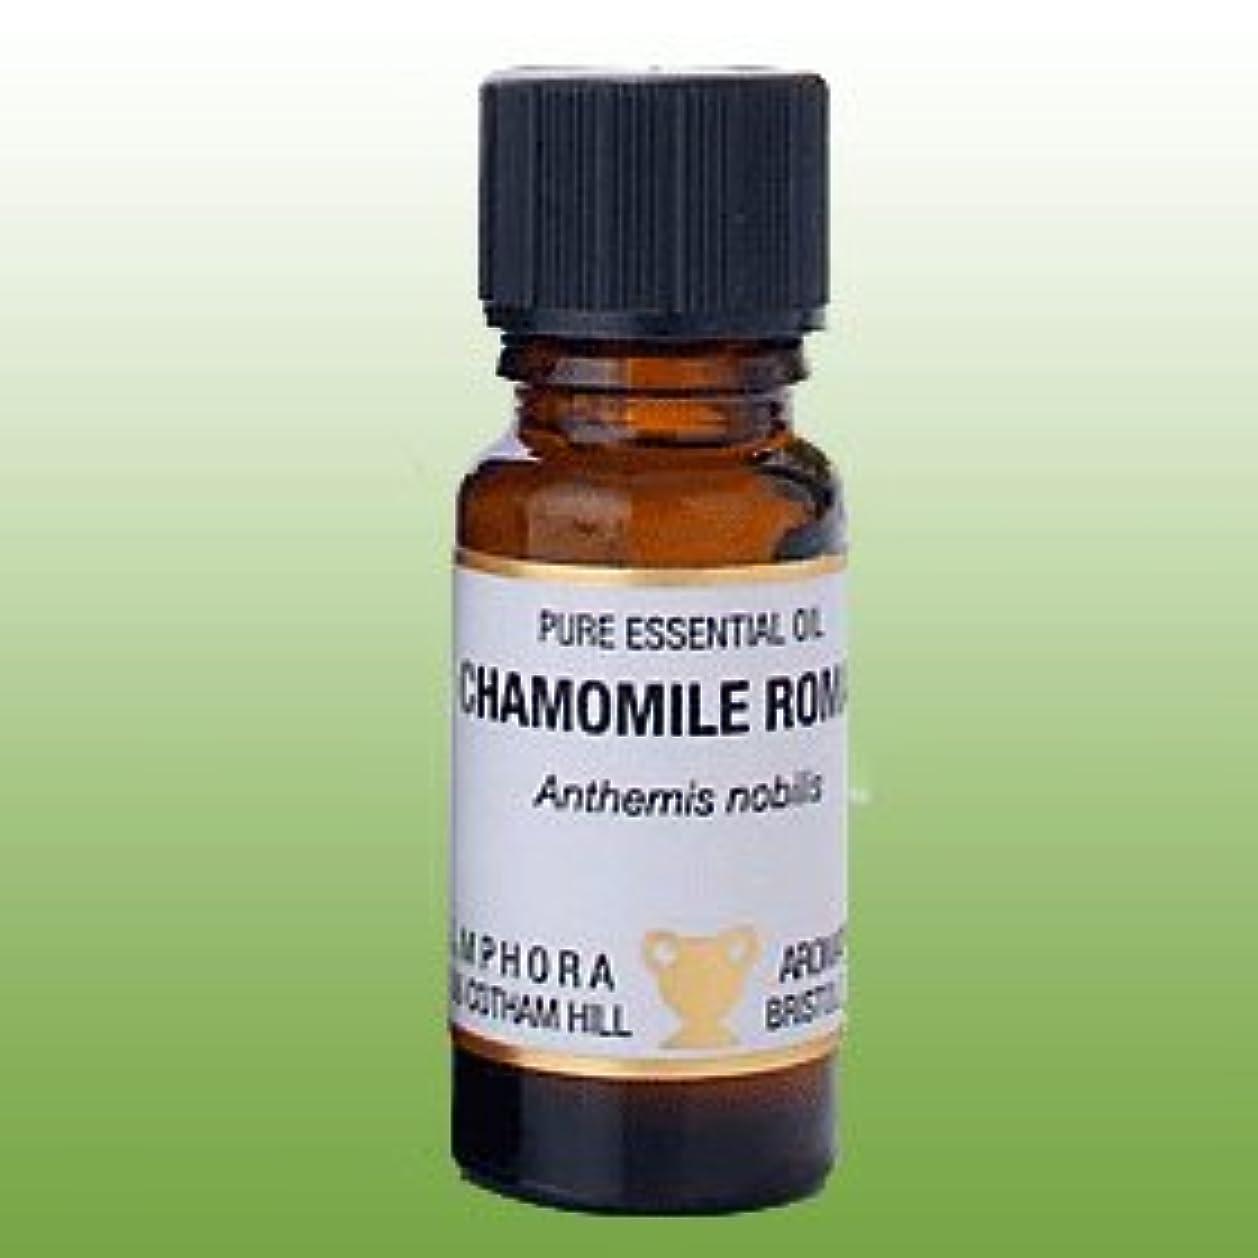 ガチョウレビュアー内向きカモミール ローマン 10ml エッセンシャルオイル